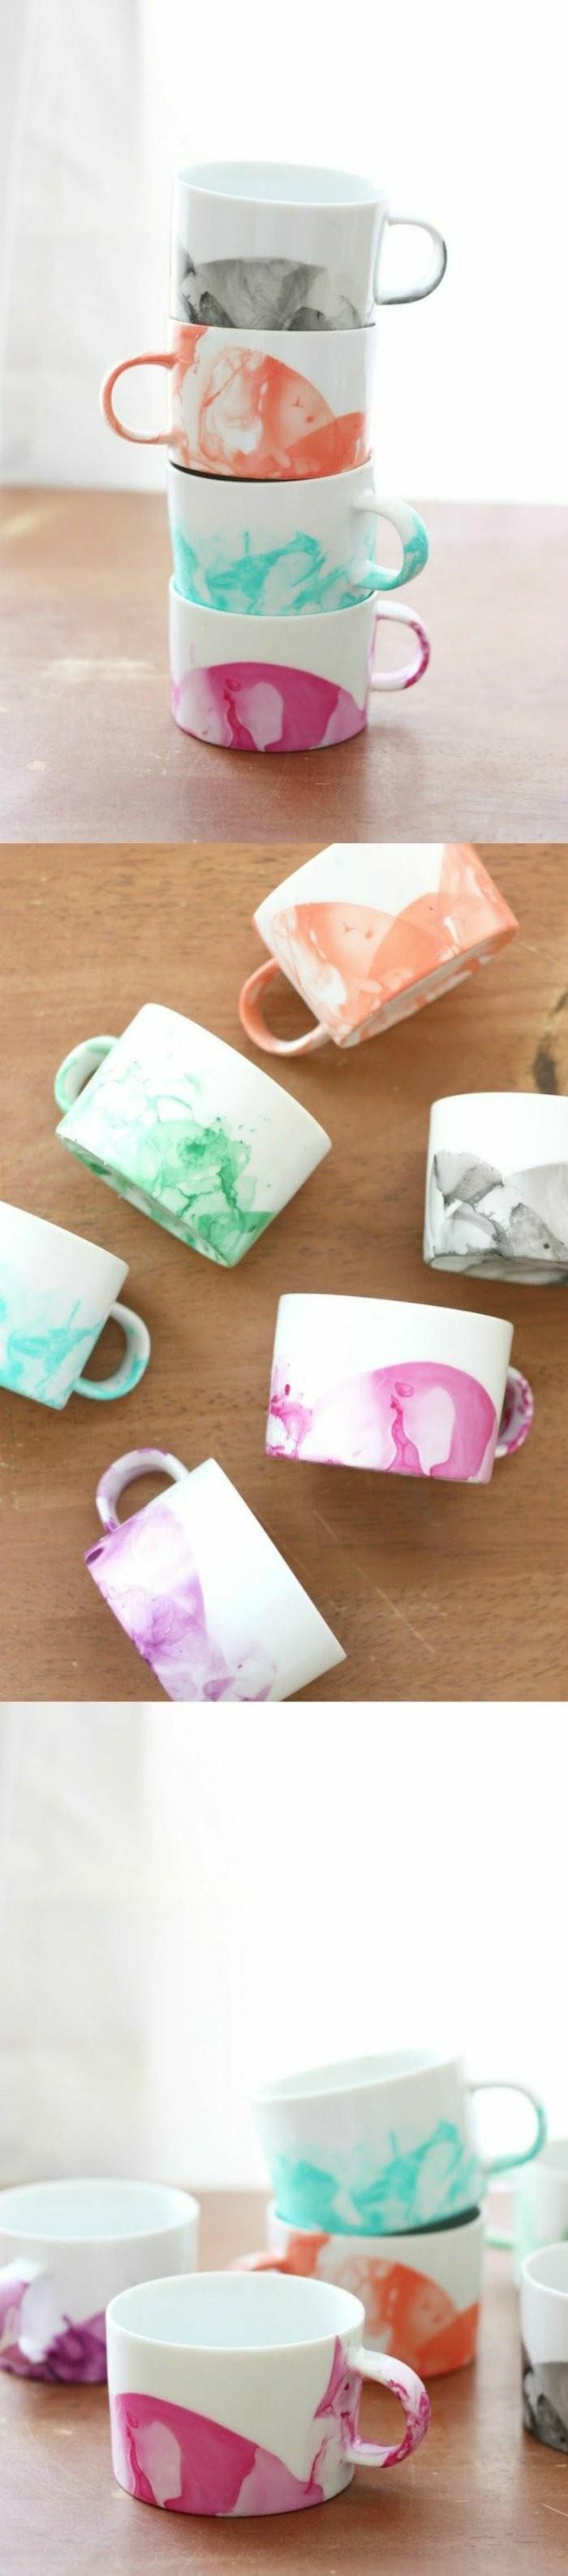 handbemalte-Mugs-mit-kreativen-Zeichnungen